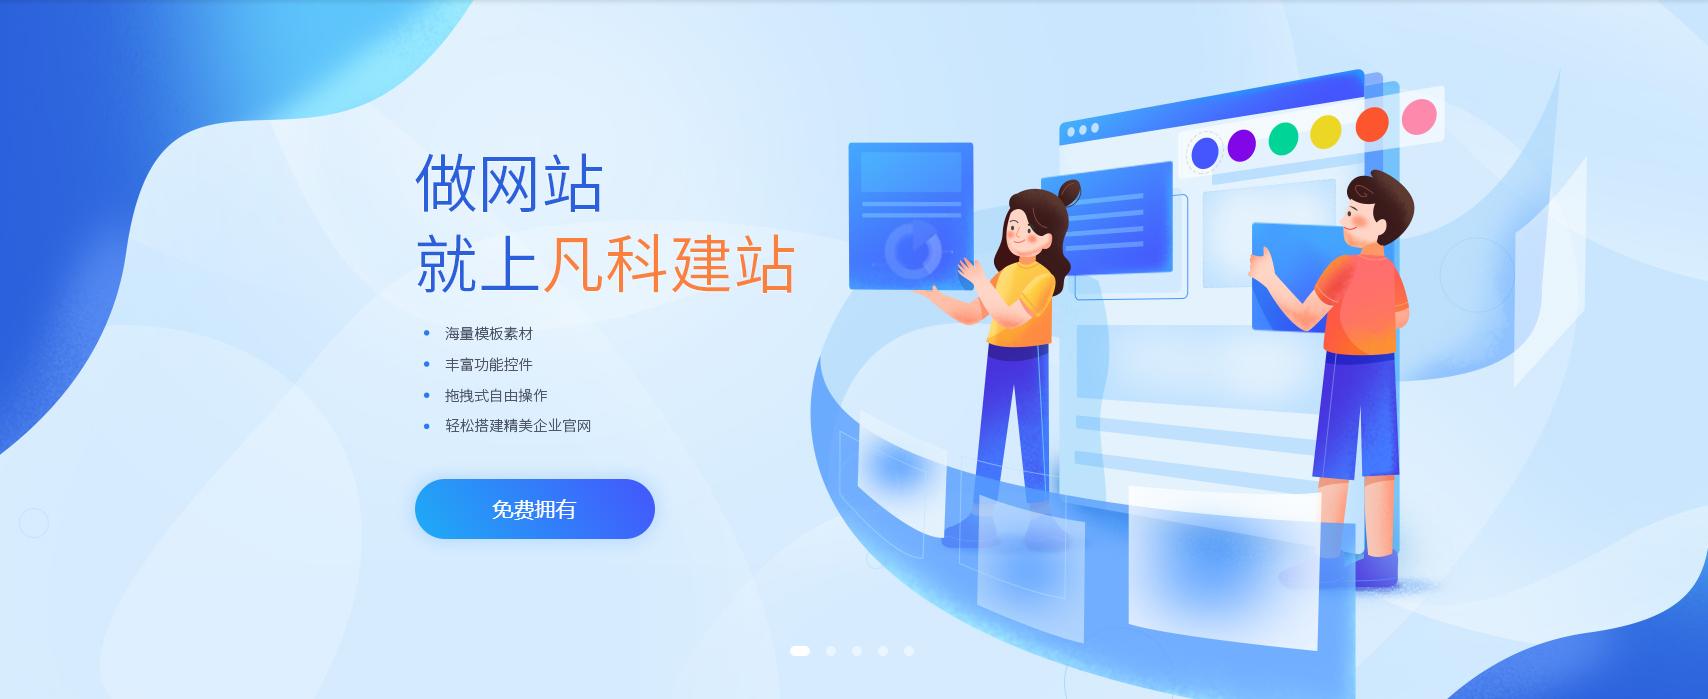 网站页面架构设计